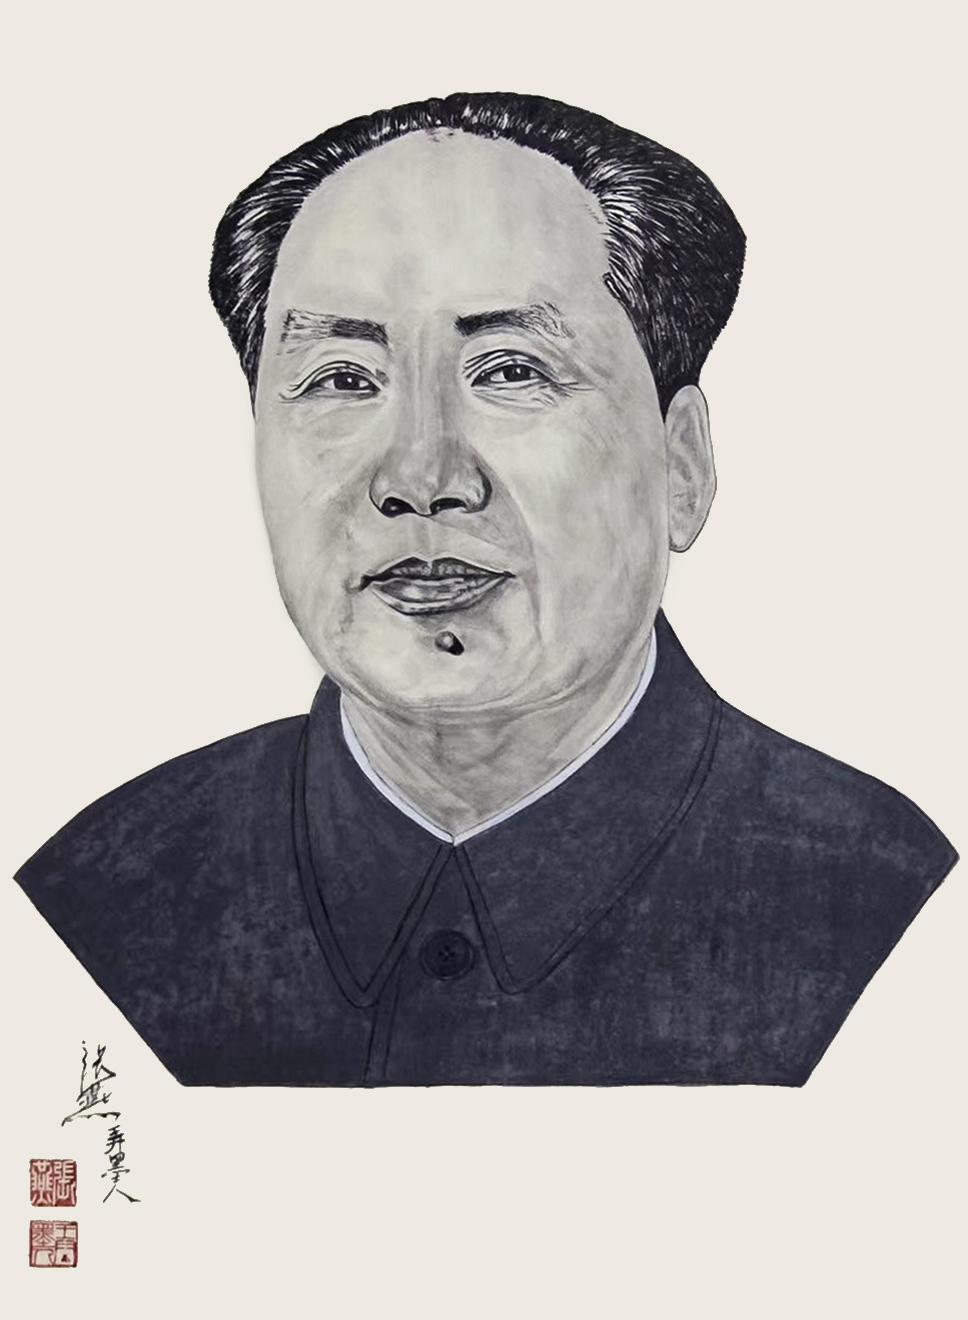 《毛泽东》100x55cm 三尺 纸本水墨 写意人物 2019年